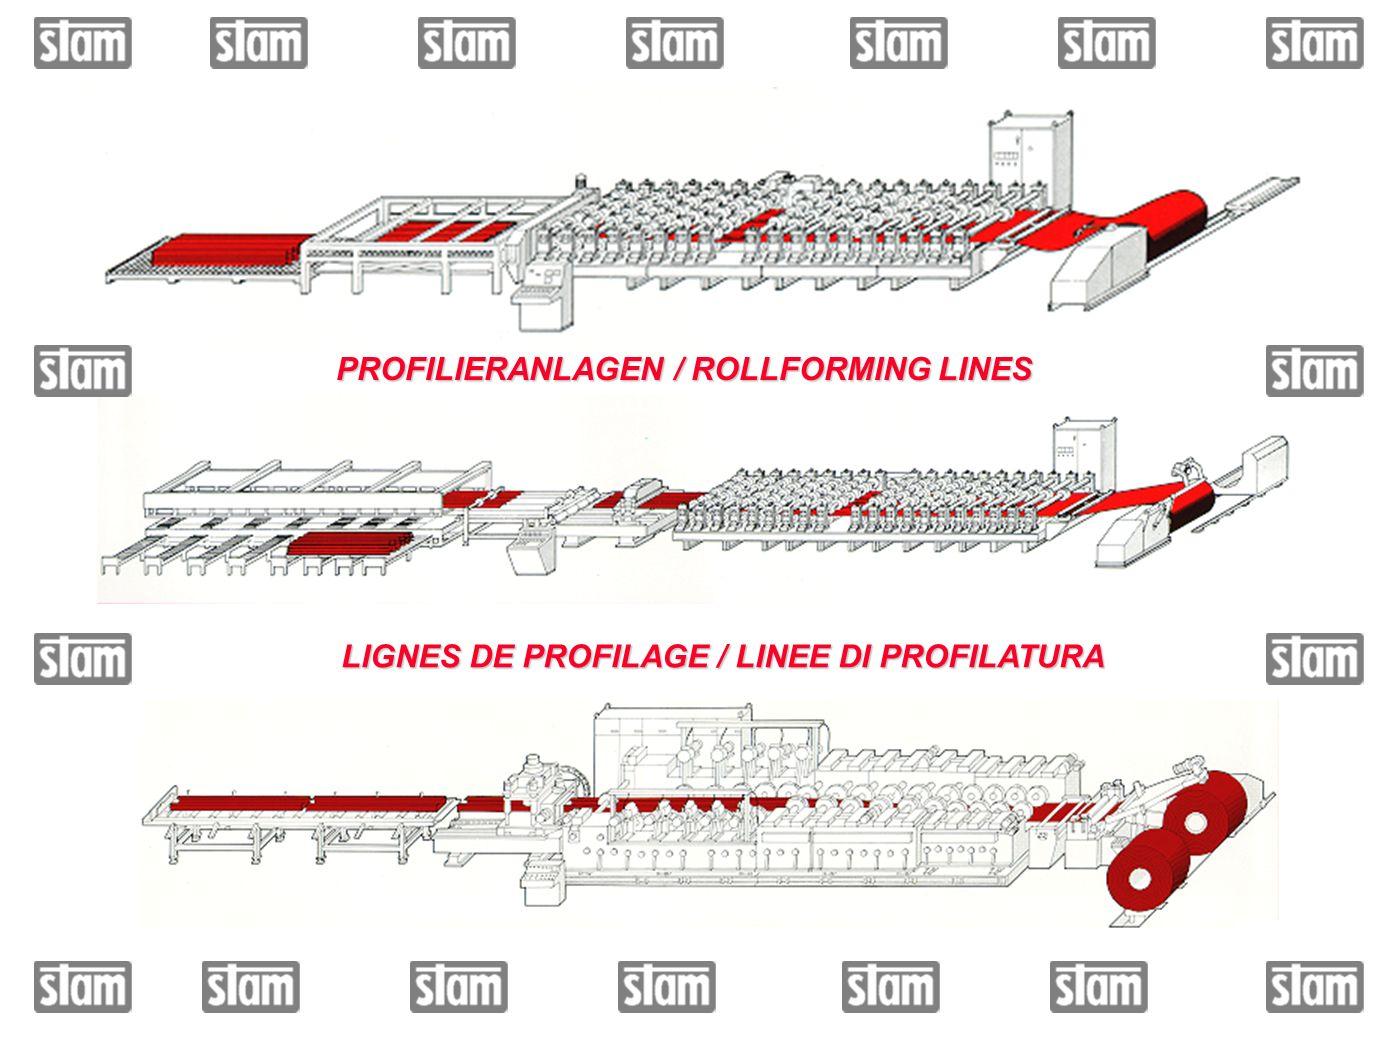 PROFILIERANLAGEN / ROLLFORMING LINES LIGNES DE PROFILAGE / LINEE DI PROFILATURA